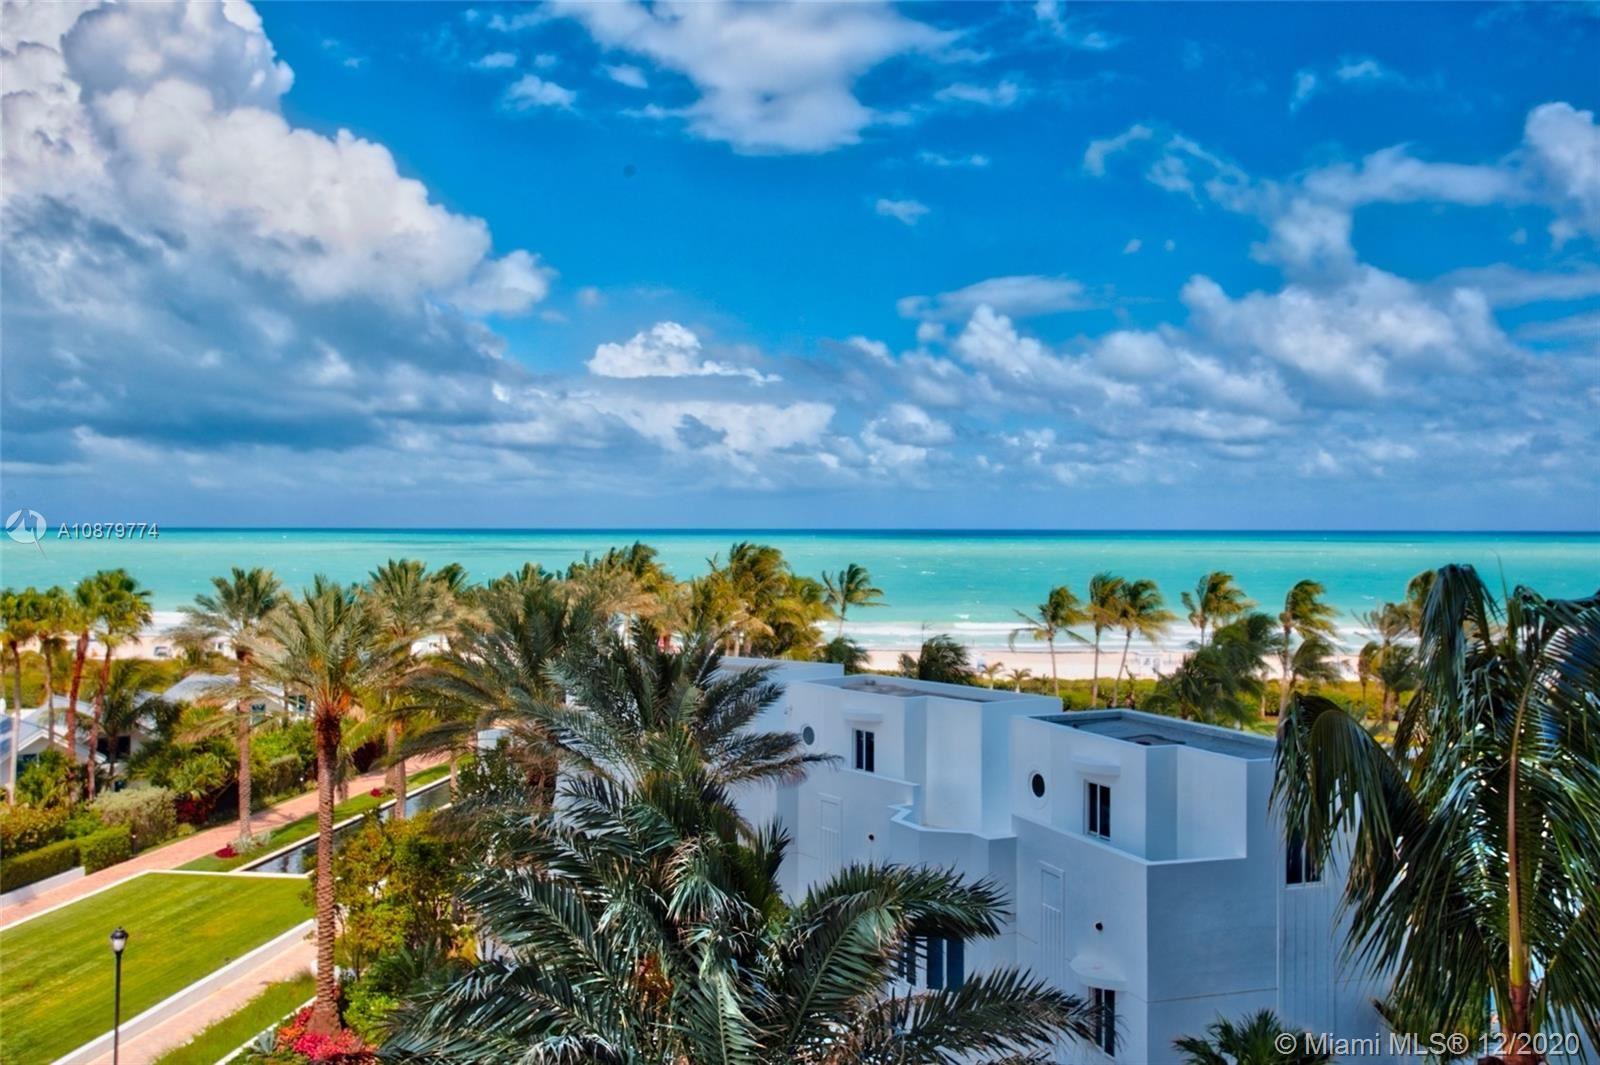 100 S POINTE DR #609, Miami Beach, FL 33139 - #: A10879774